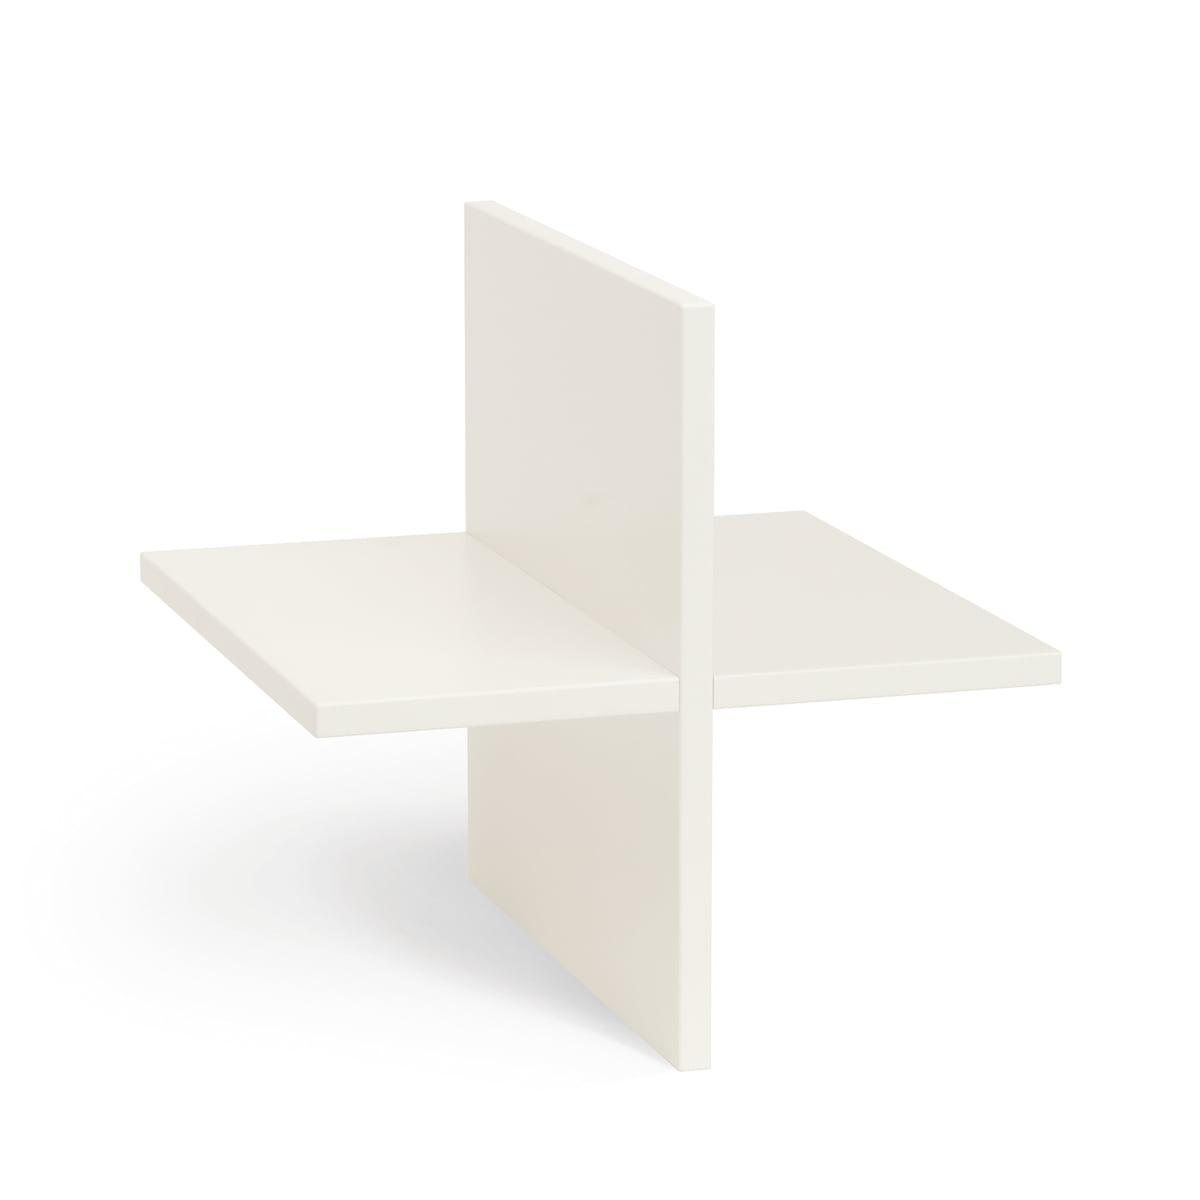 Flötotto Systemmöbel Flötotto - CD-Kreuz zum Regalsystem 355, Lack weiß | Wohnzimmer > Regale > Regalsysteme | Weiß | Holz -  lackiert | Flötotto Systemmöbel